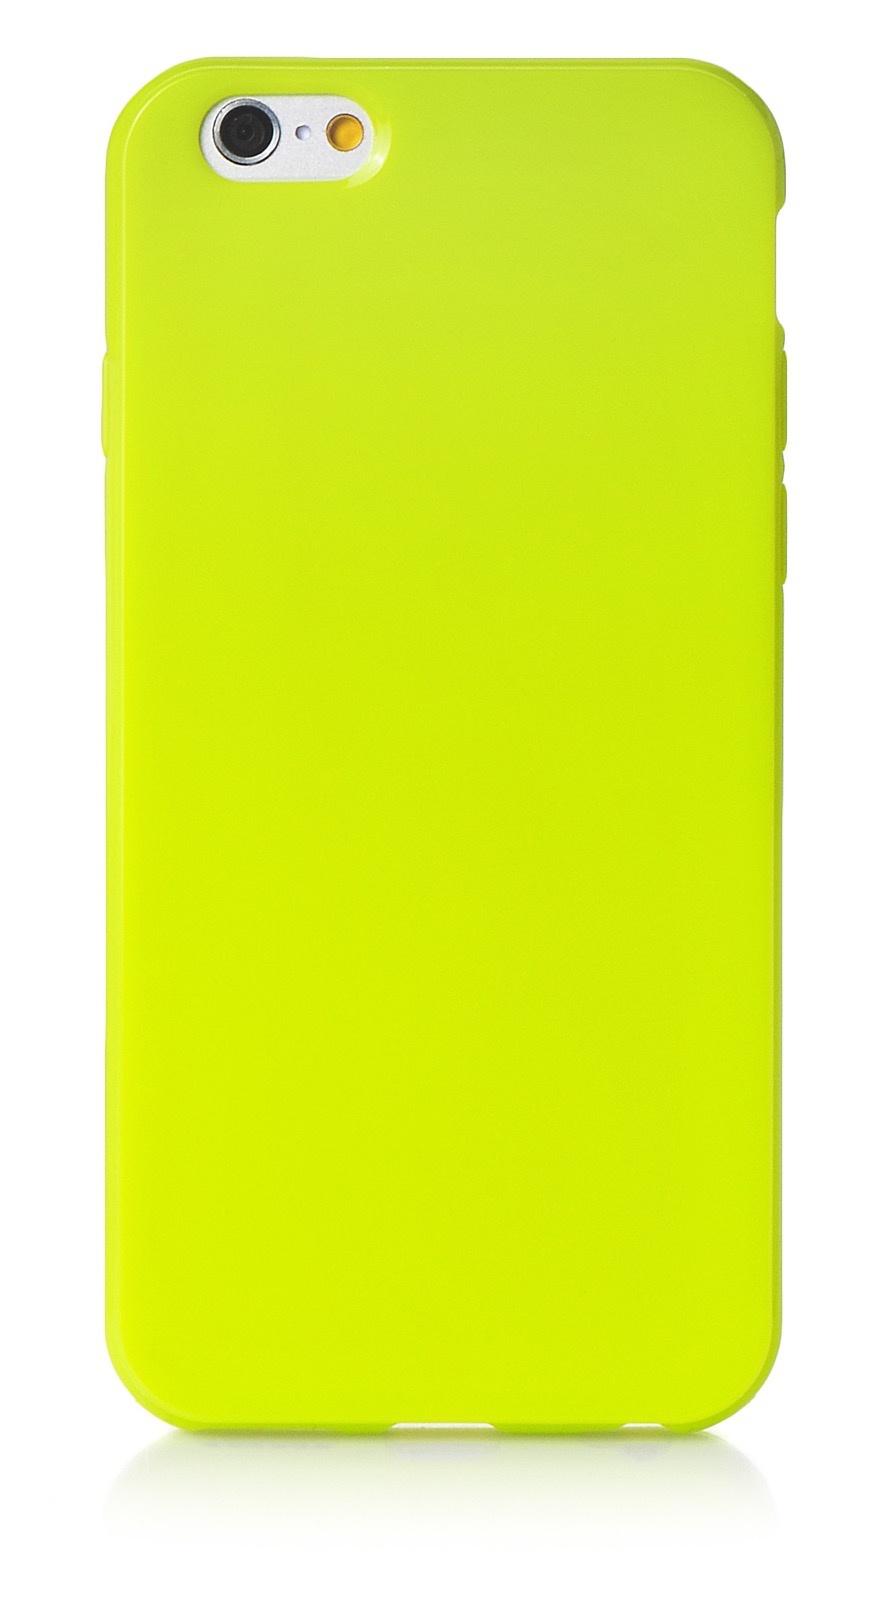 """Чехол для сотового телефона iNeez накладка силикон мыльница 580129 для Apple Iphone 6/6S 4.7"""", салатовый"""